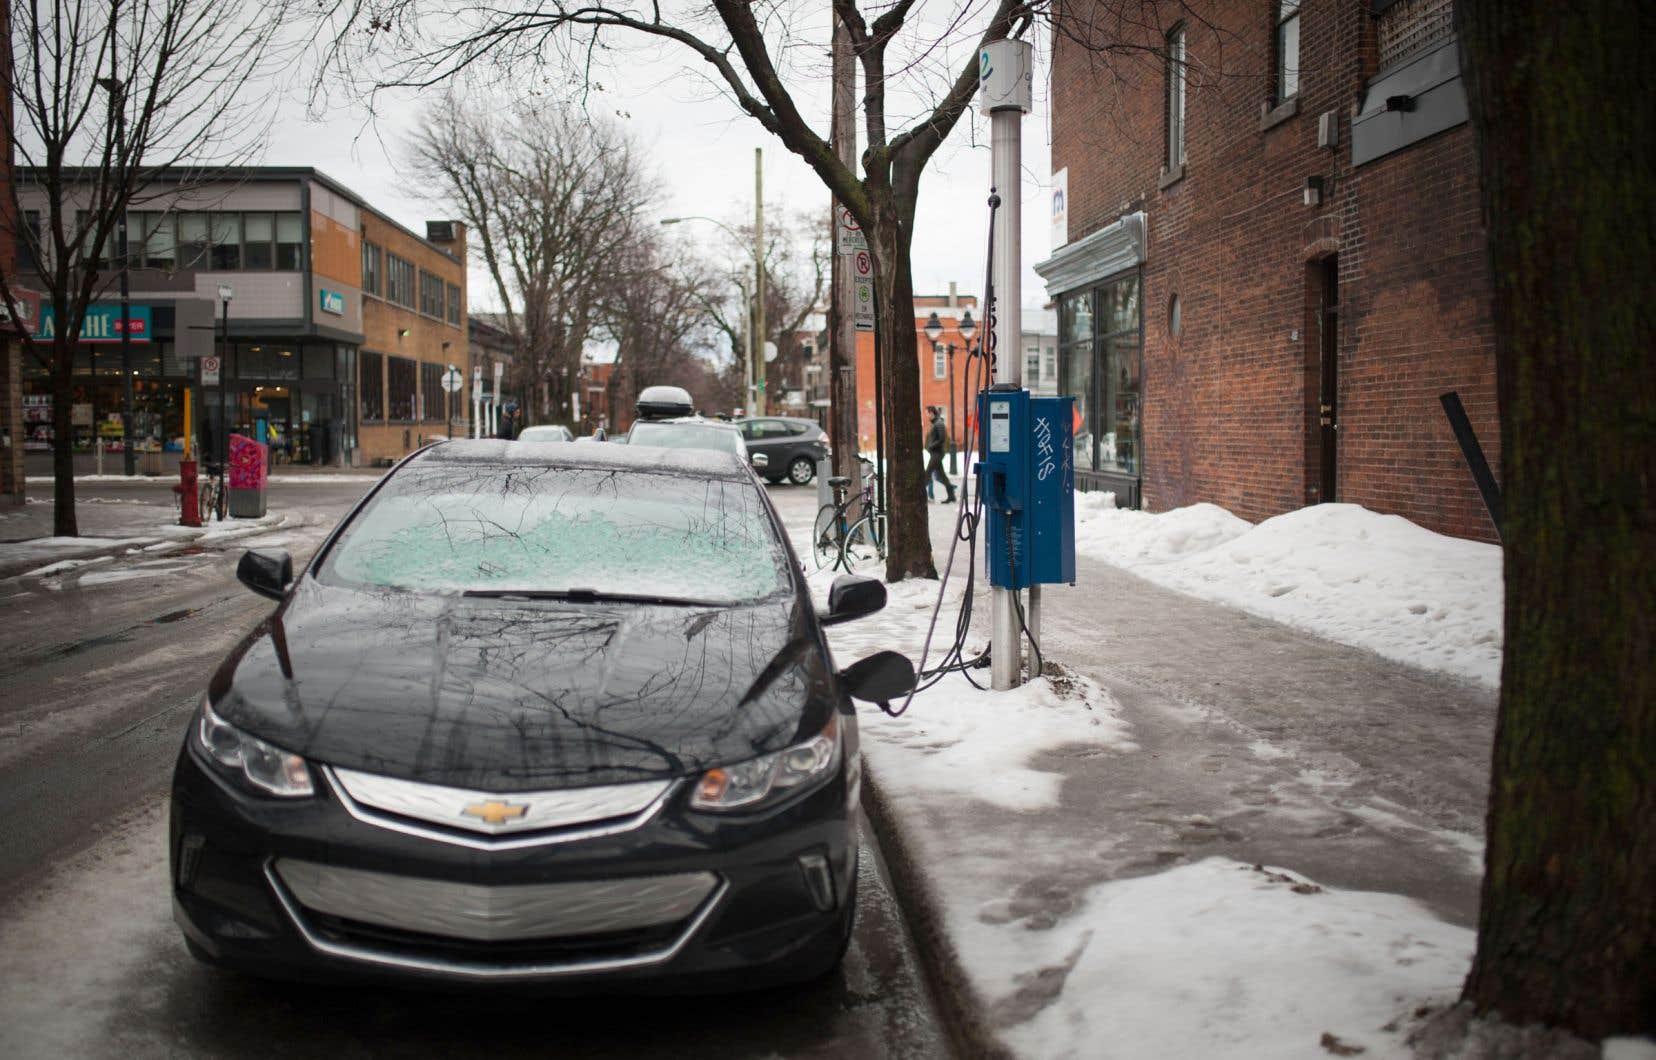 Selon un rapport d'Efficacité énergétique Canada, le Québec est au premier rang au pays pour l'immatriculation de véhicules électriques et hybrides par rapport au nombre total de véhicules, et pour la disponibilité des bornes de recharge publiques.